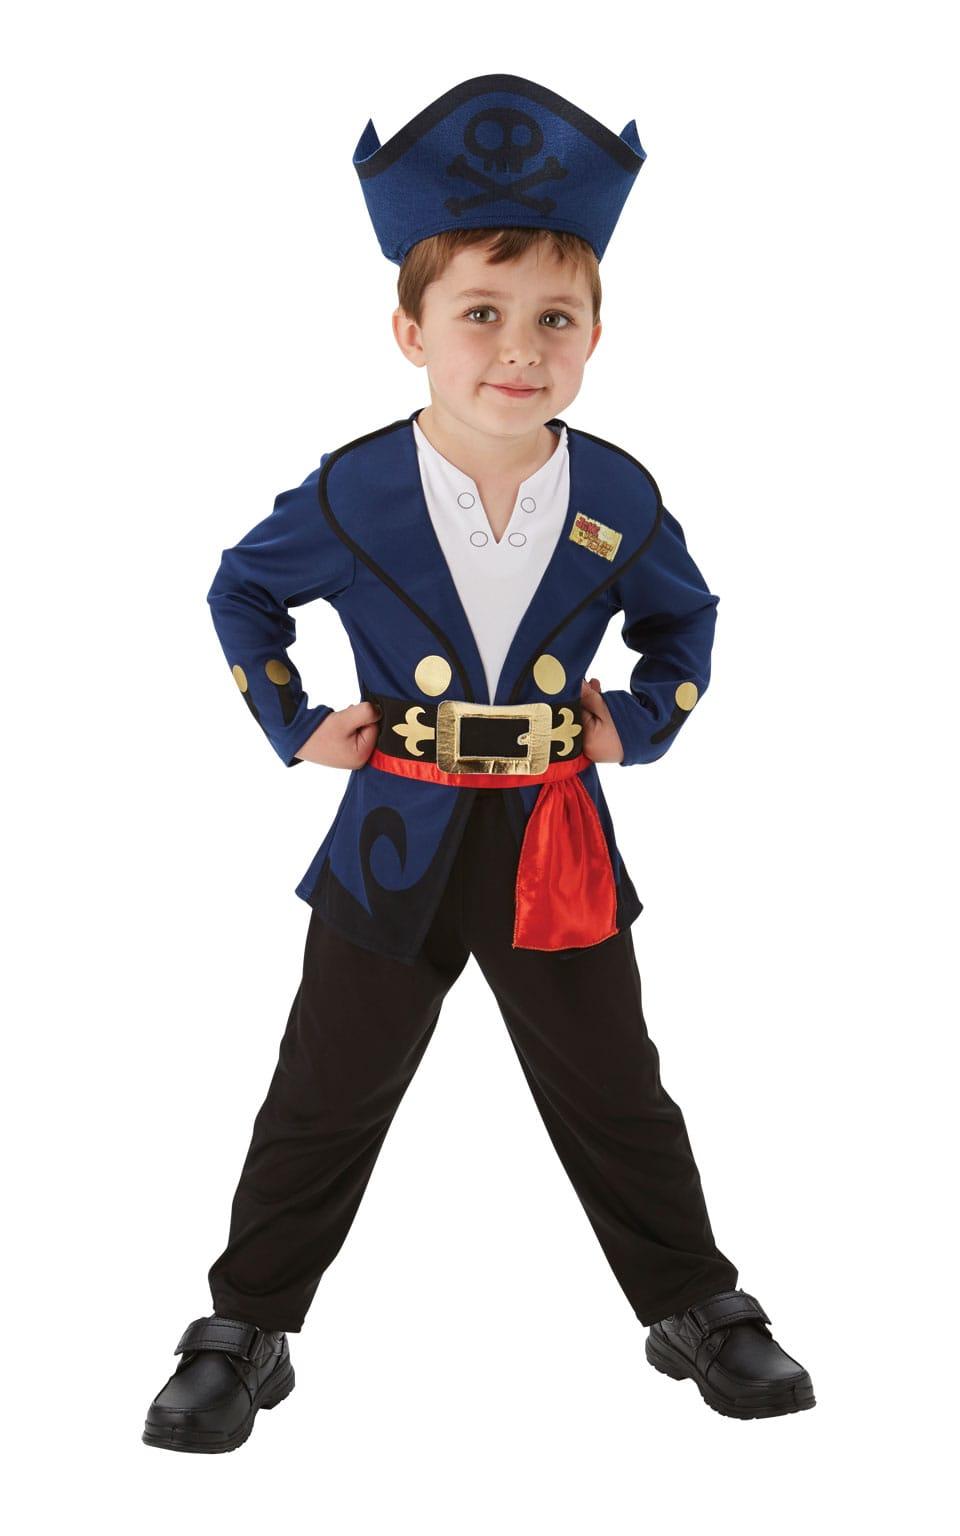 Costume Carnaval Copii Baieti